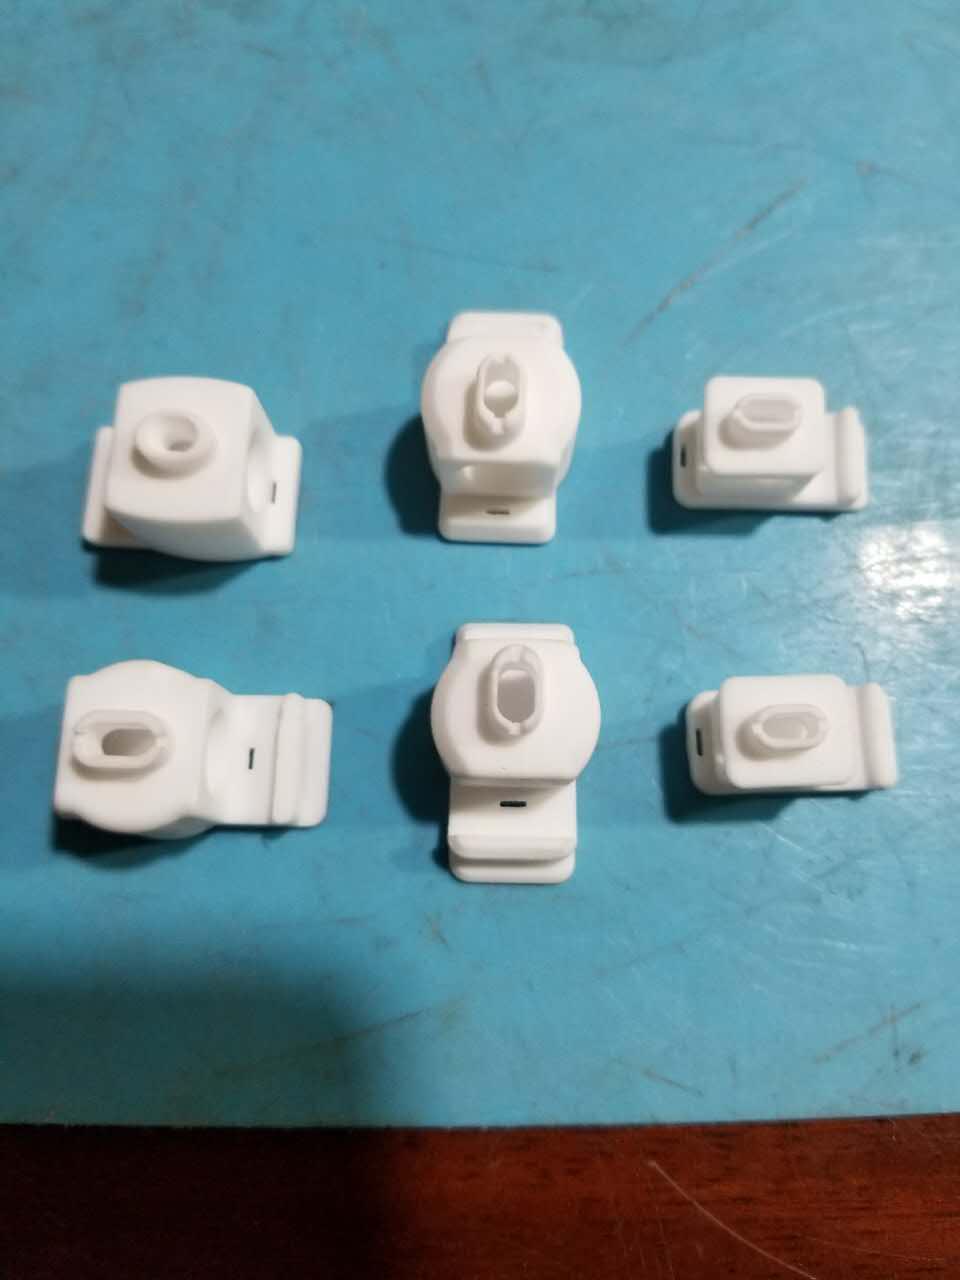 电子陶瓷设计新颖-无锡新款电子陶瓷哪里买